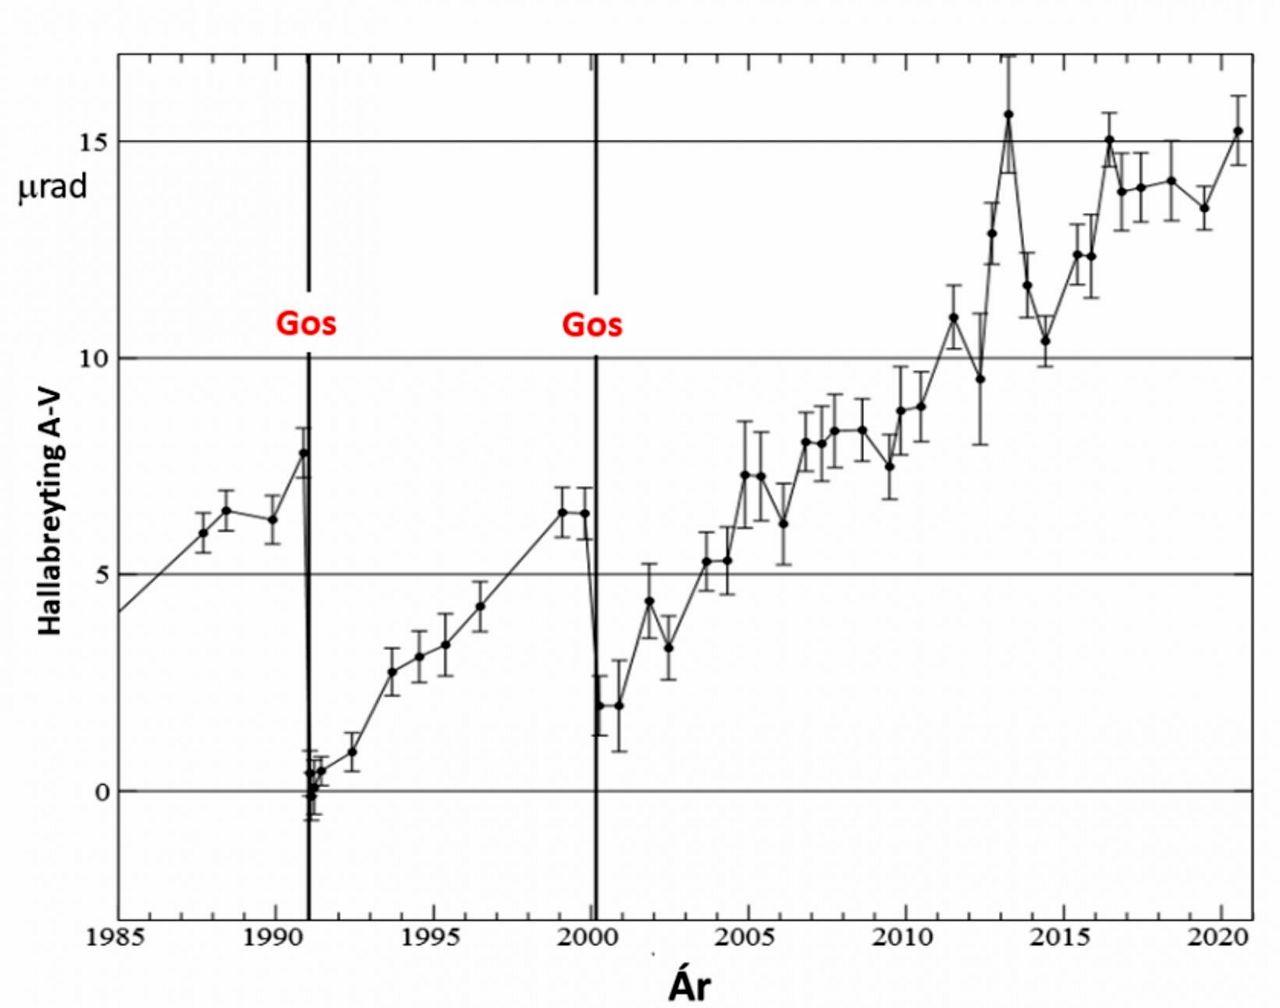 Hekla – graphique montrant les changements d'élévation au pied du volcan (axe des Y: élévation – axe des X: date en année) les éruptions de 1991 et 2000 sont marquées par «GOS» - Doc. Institute of Earth Sciences – University of Iceland